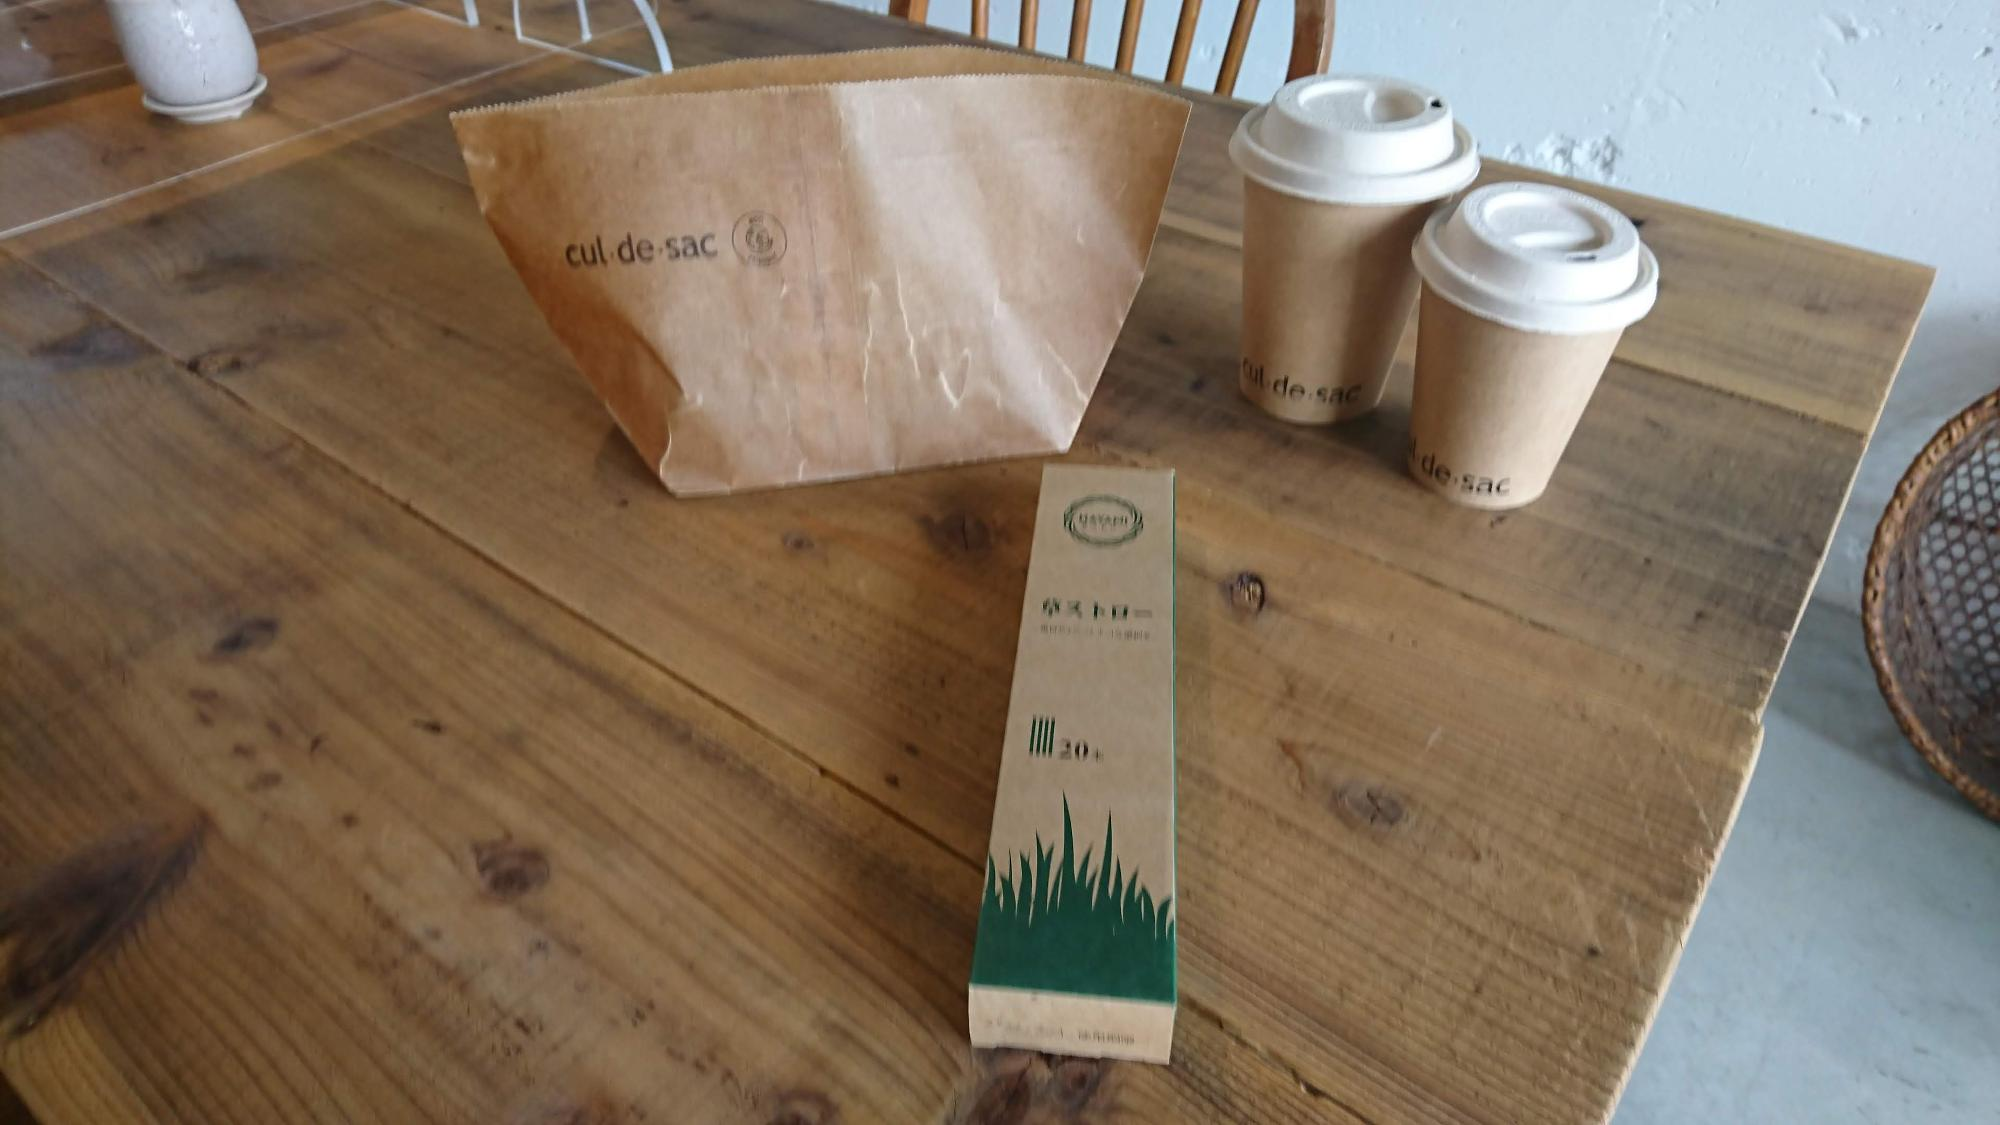 「草ストロー」は使い心地がやさしく、味もしません。購入も可能です。テイクアウトもなるべくプラスチック容器を避けているそう。